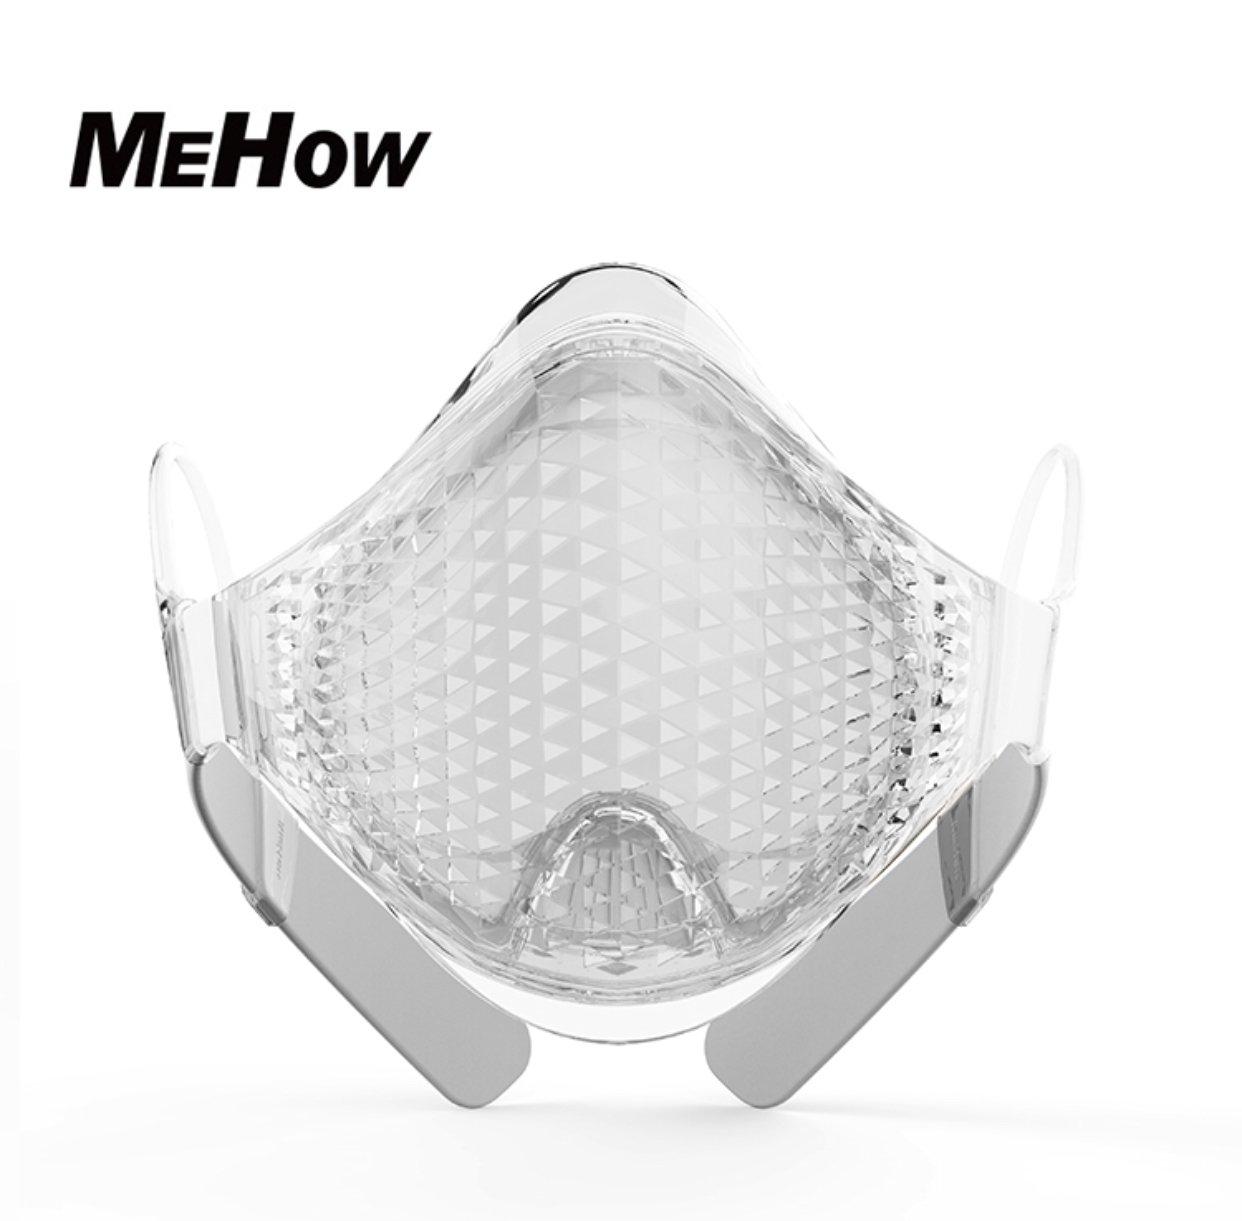 遂に上陸 有名アスリート垂涎のトレーニングマスク 99.77% average filtration of bacteriasランニングなどのトレーニング時により安全で良質な酸素を取り入れる PM2.5対応 FDA認可の特許フィルターシステム  白 B07DC17KCC